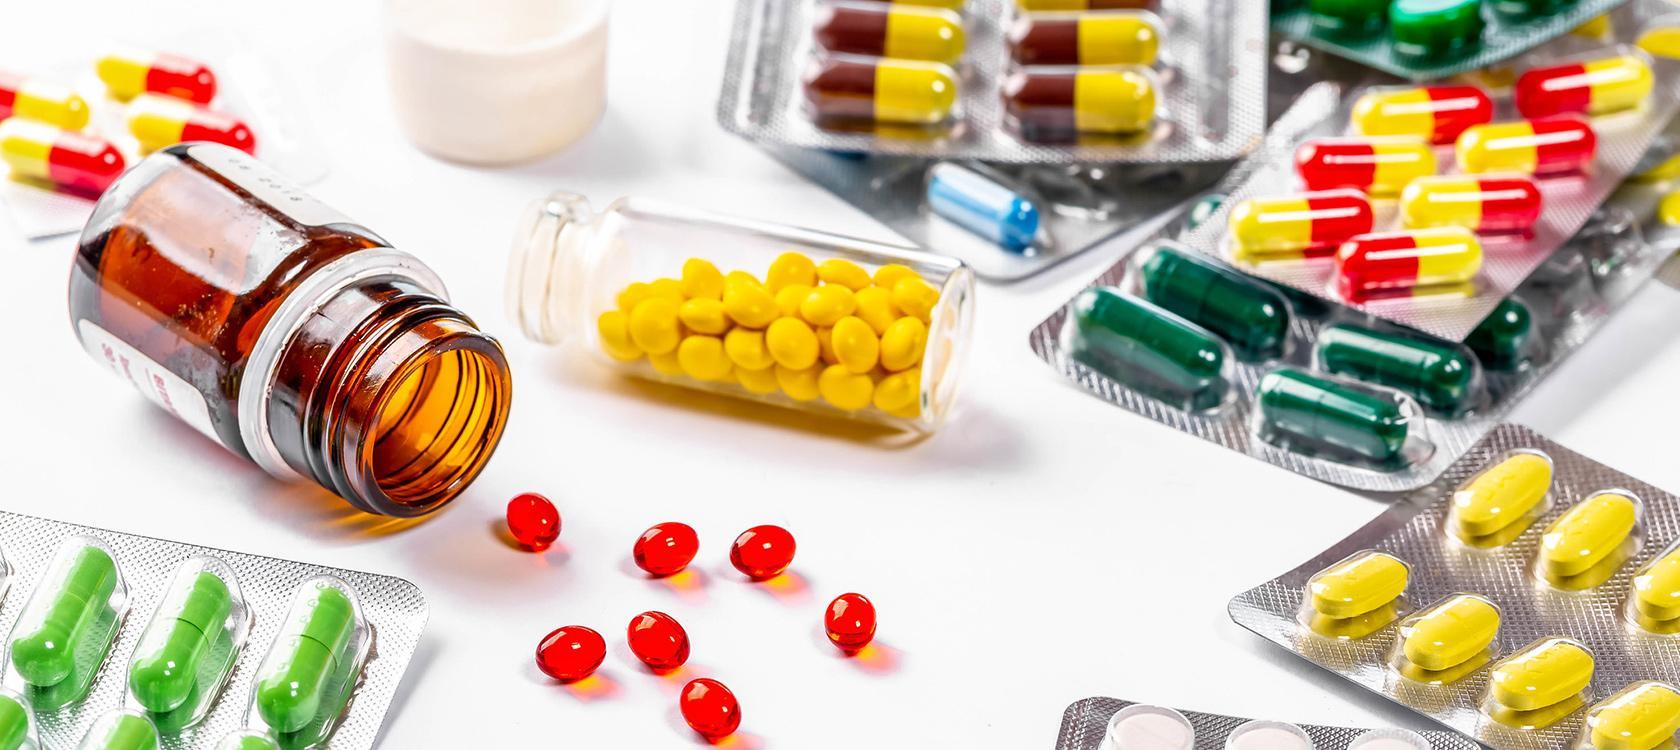 Trẻ dùng nhiều kháng sinh là nguyên nhân chủ yếu gây rối loạn tiêu hóa